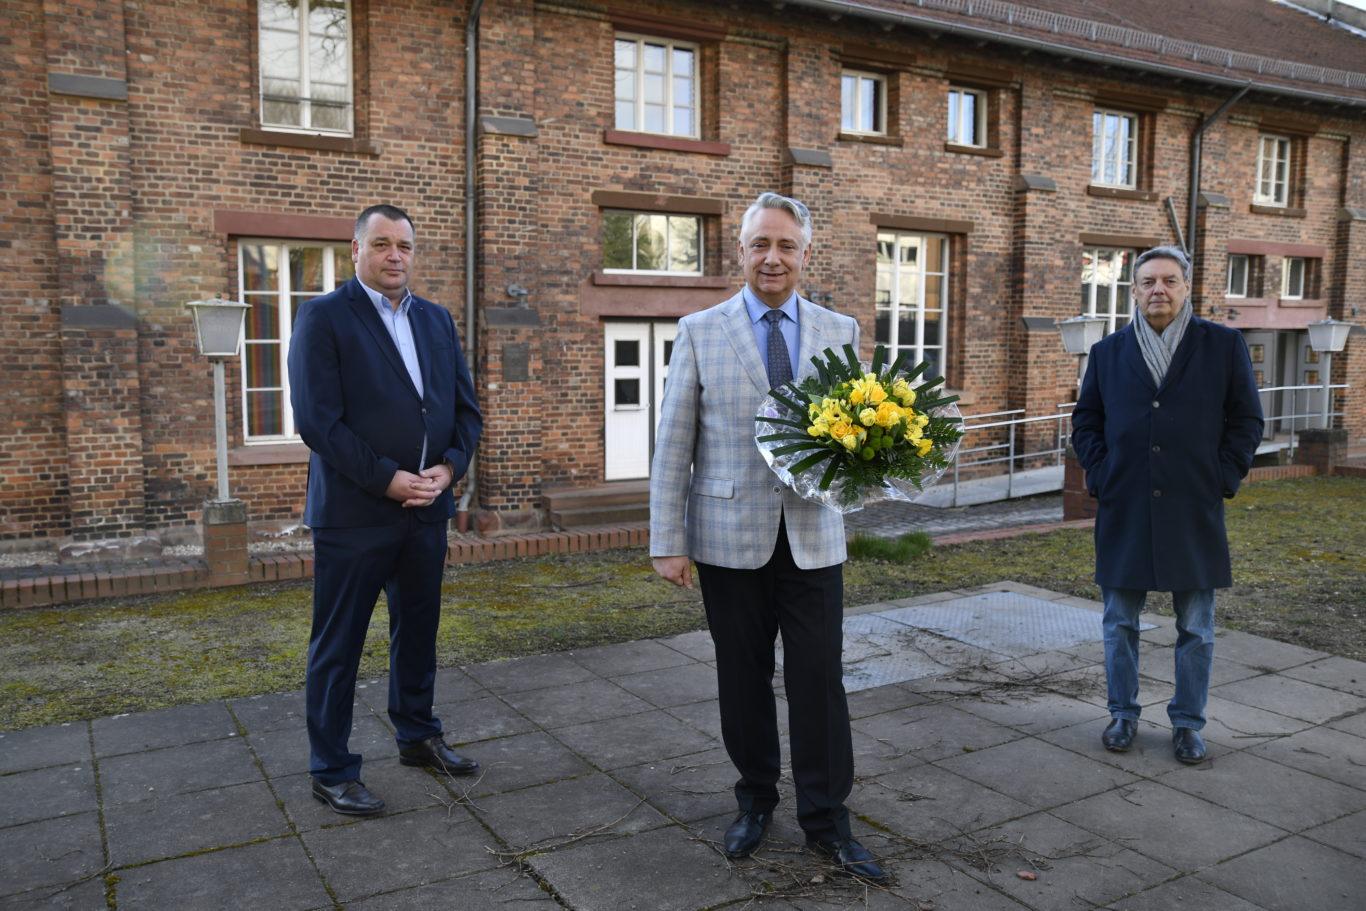 v.l.n.r.: Jörn Walter (Fraktionsvorsitzender SPD), Bürgermeister Jung & Jürgen Trenz (Fraktionsvorsitzender DIE LINKE)